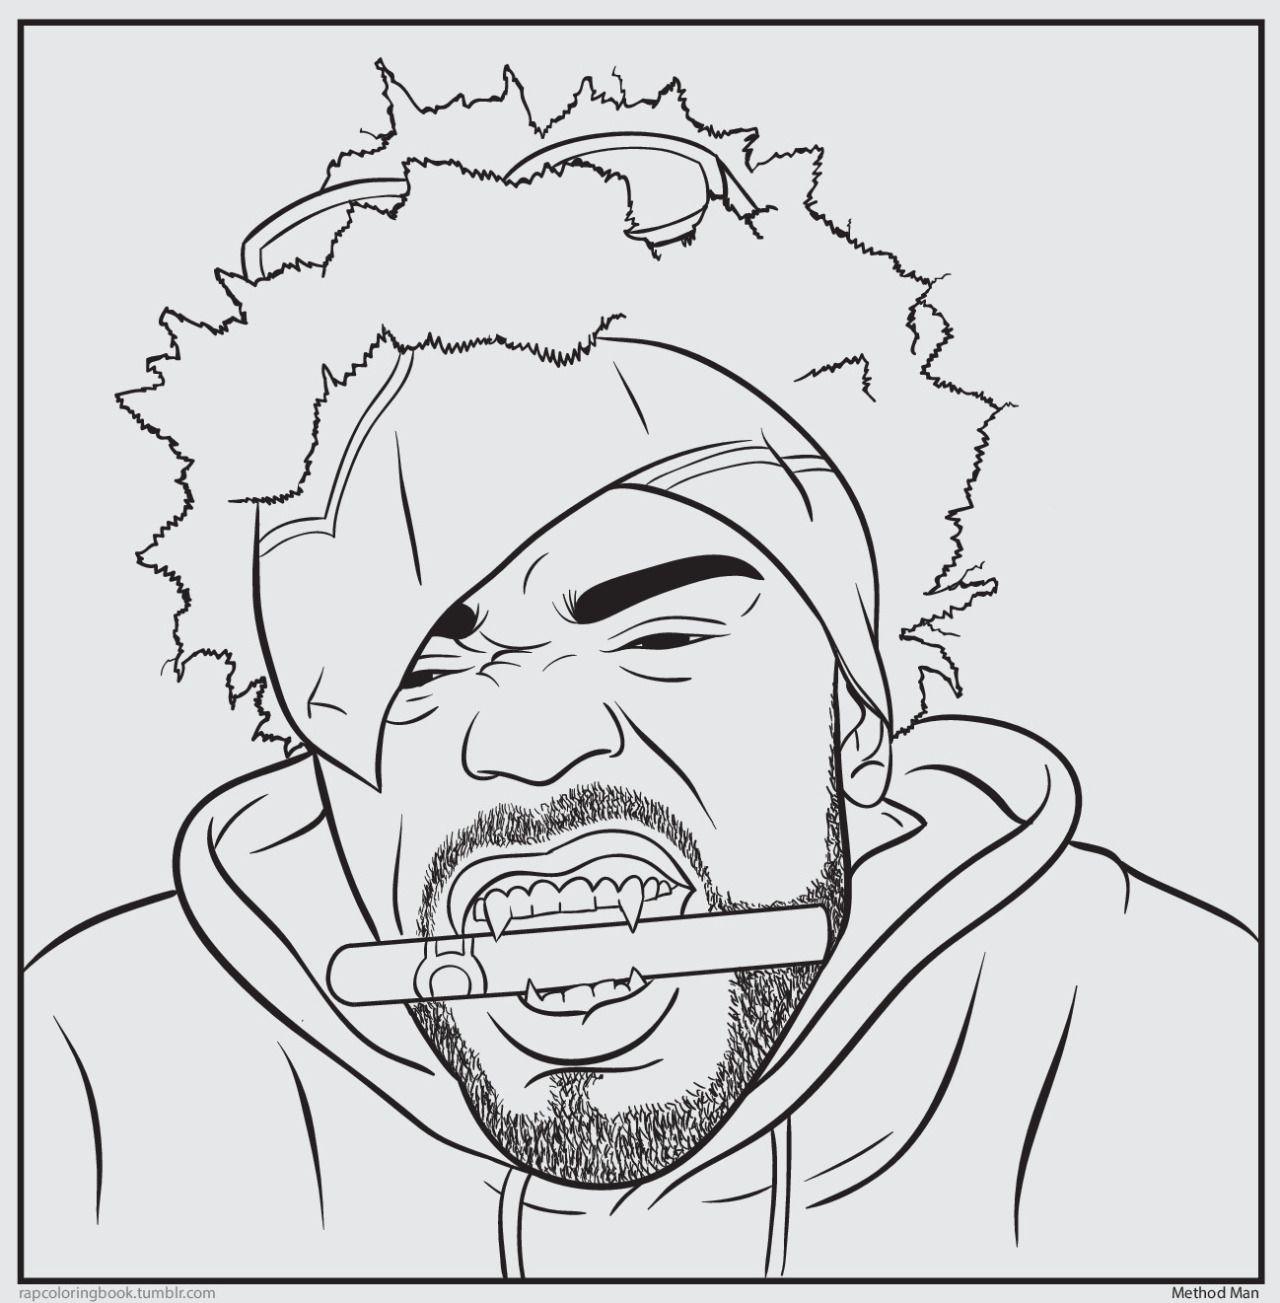 bun b's jumbo coloring and rap activity tumblr  click